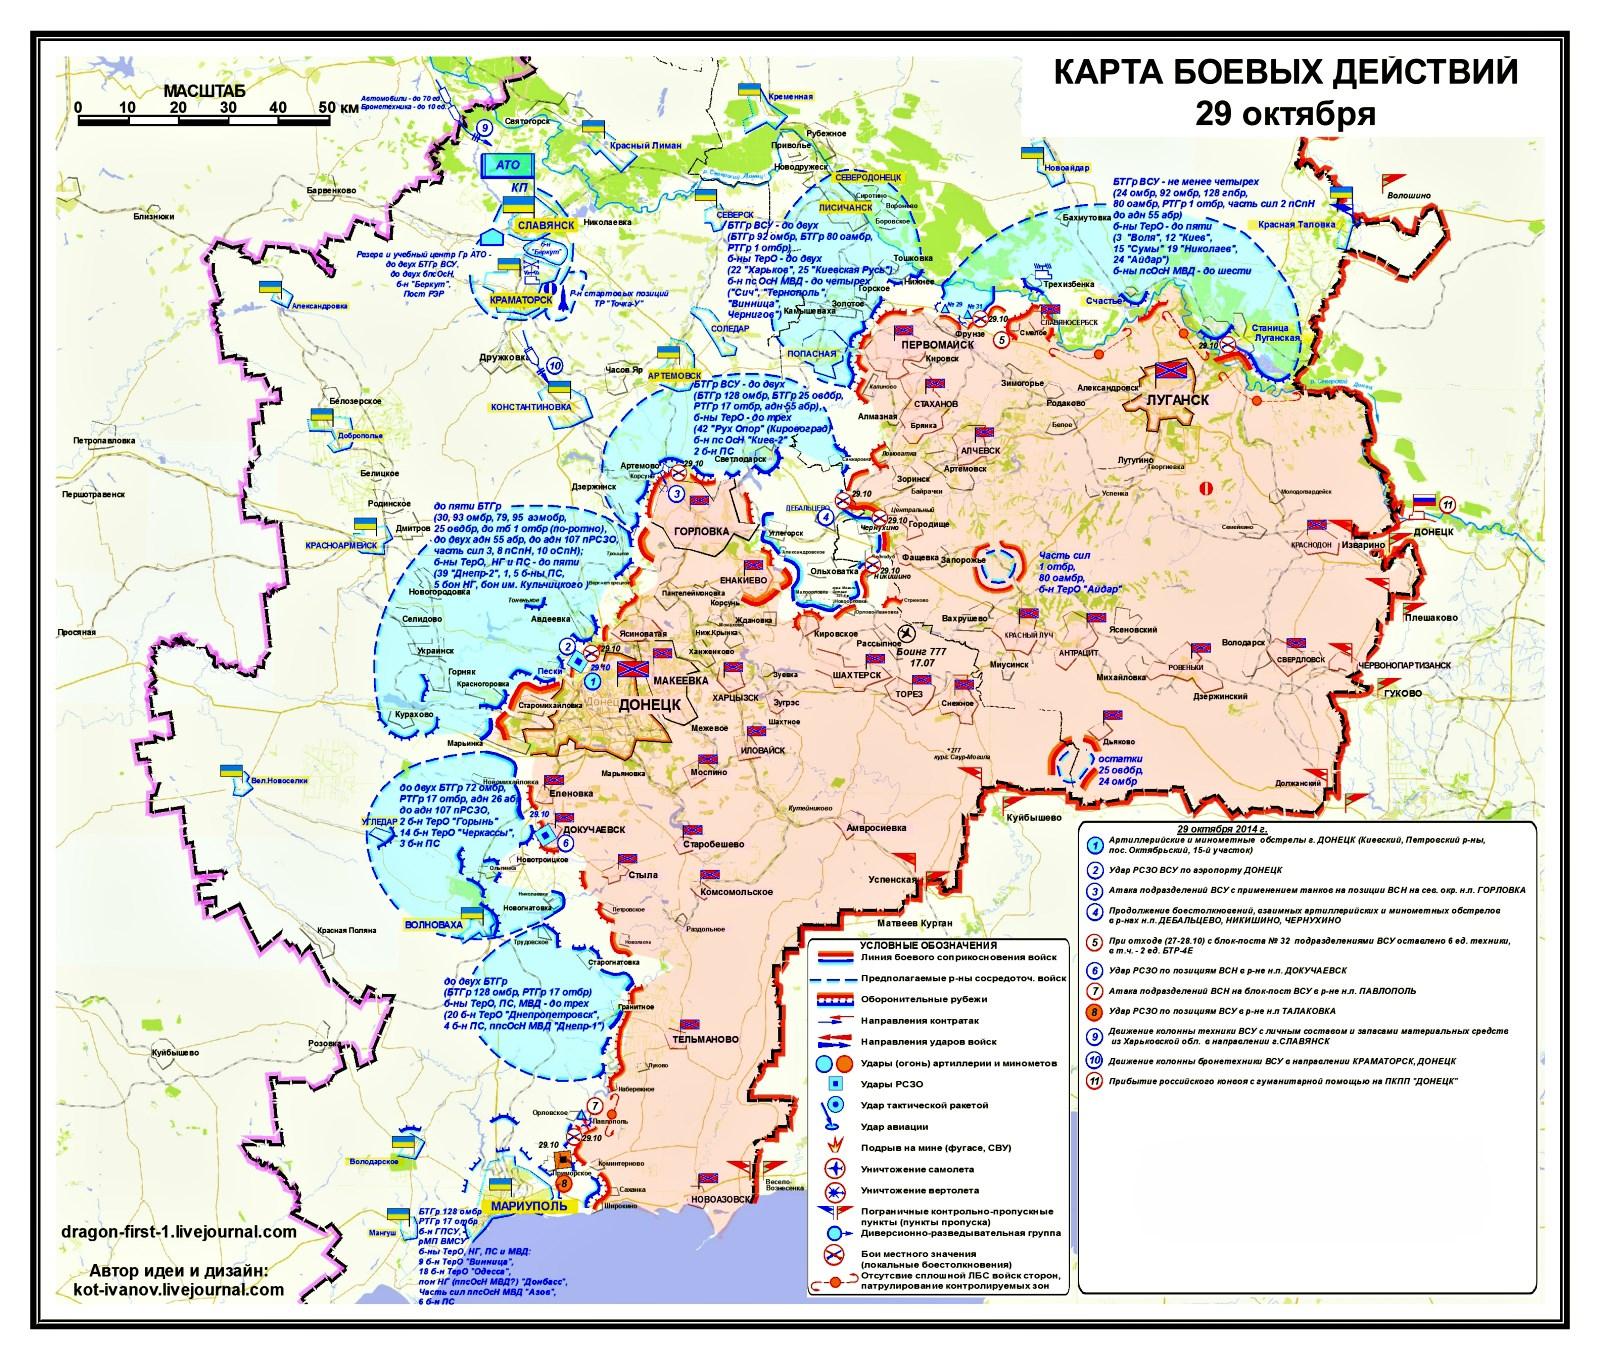 00 novorossiya sitrep map. 29.10.14